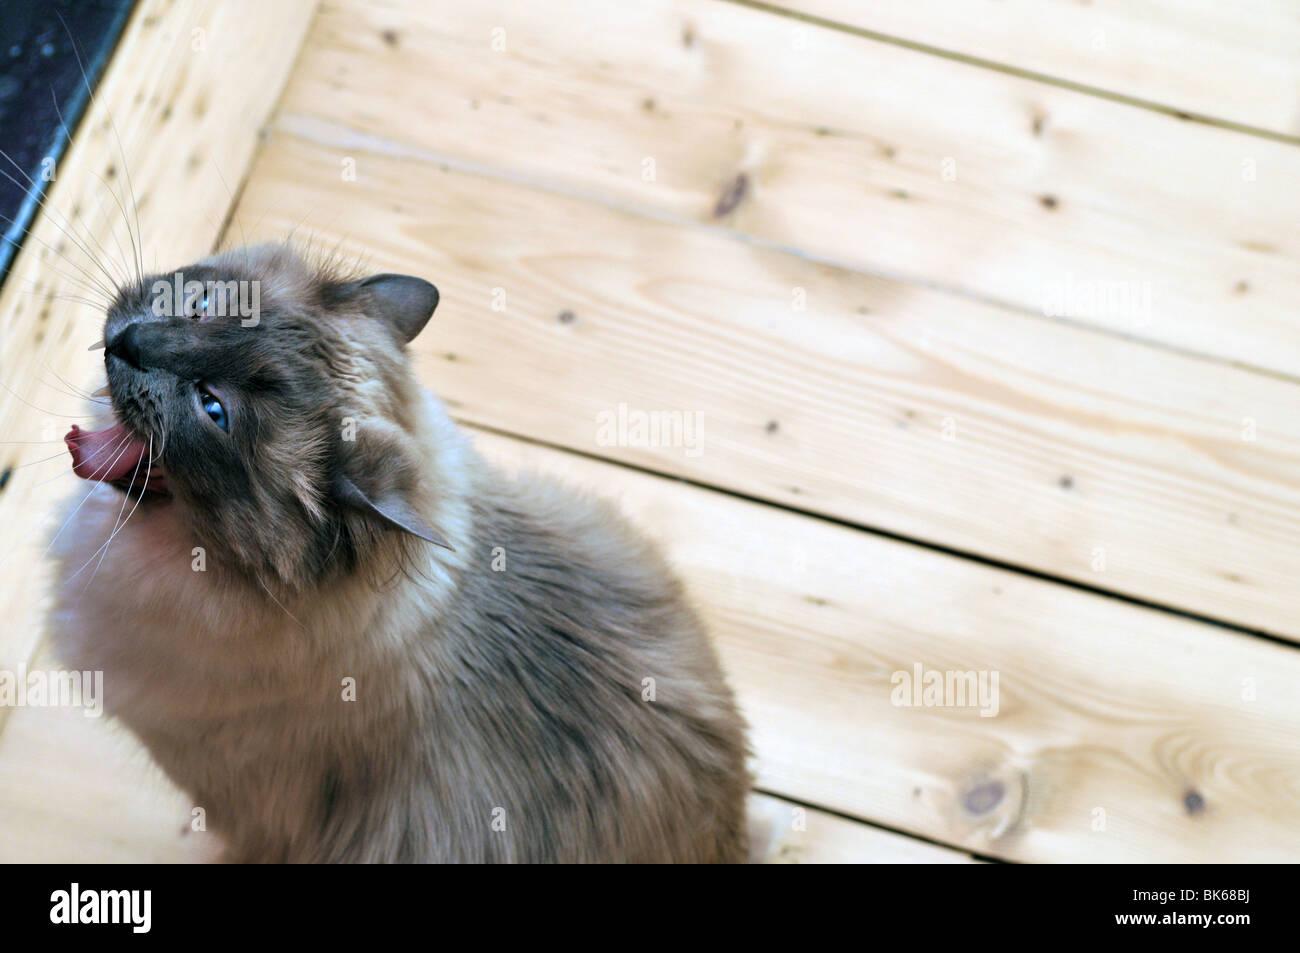 Gato Ragdoll bostezo dientes lengua cute feroz animal felino Imagen De Stock